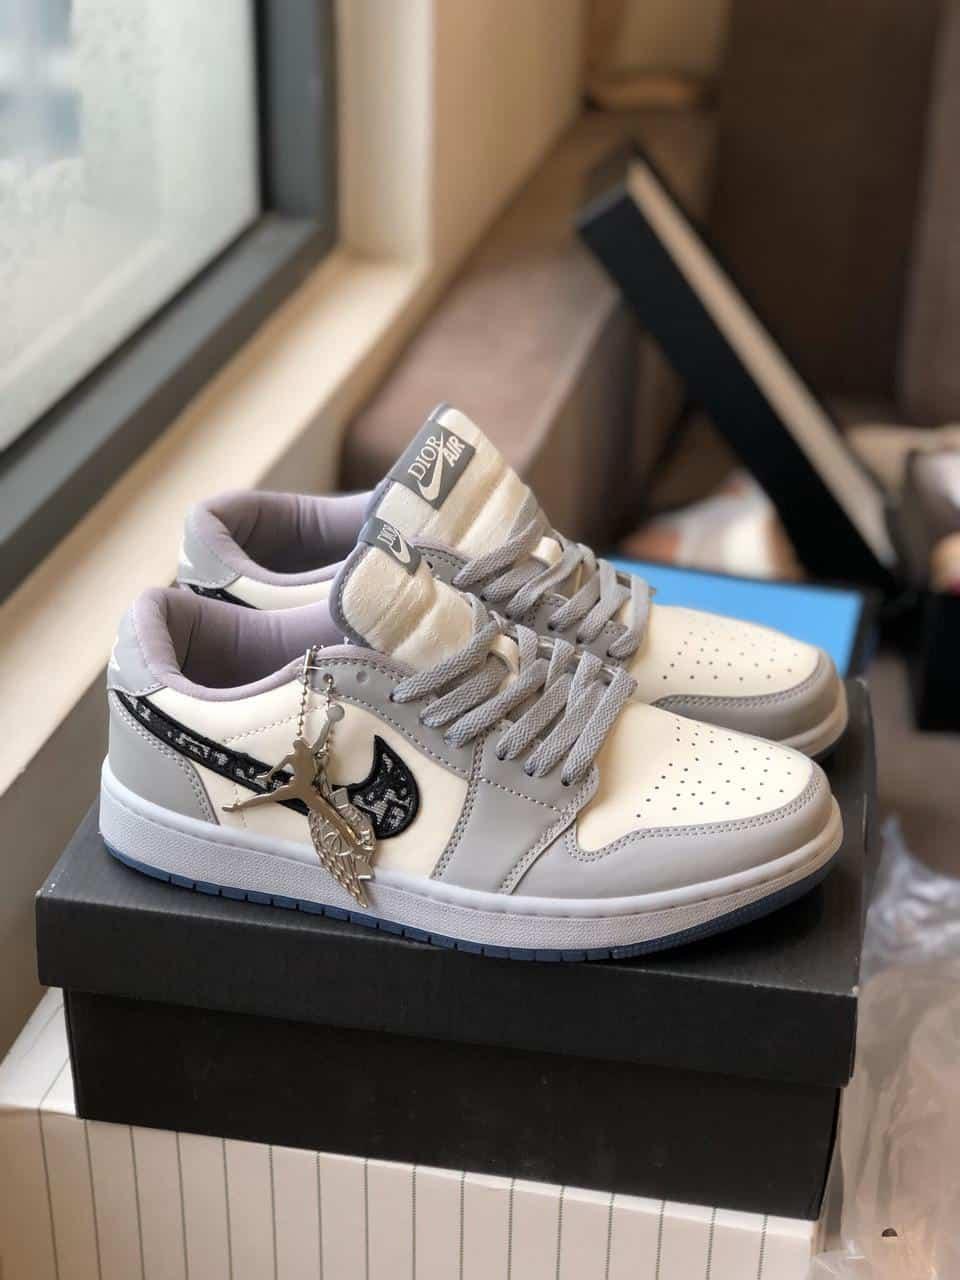 Giày Jordan Dior rep 1:1 là dòng sản phẩm được nhiều người săn đón